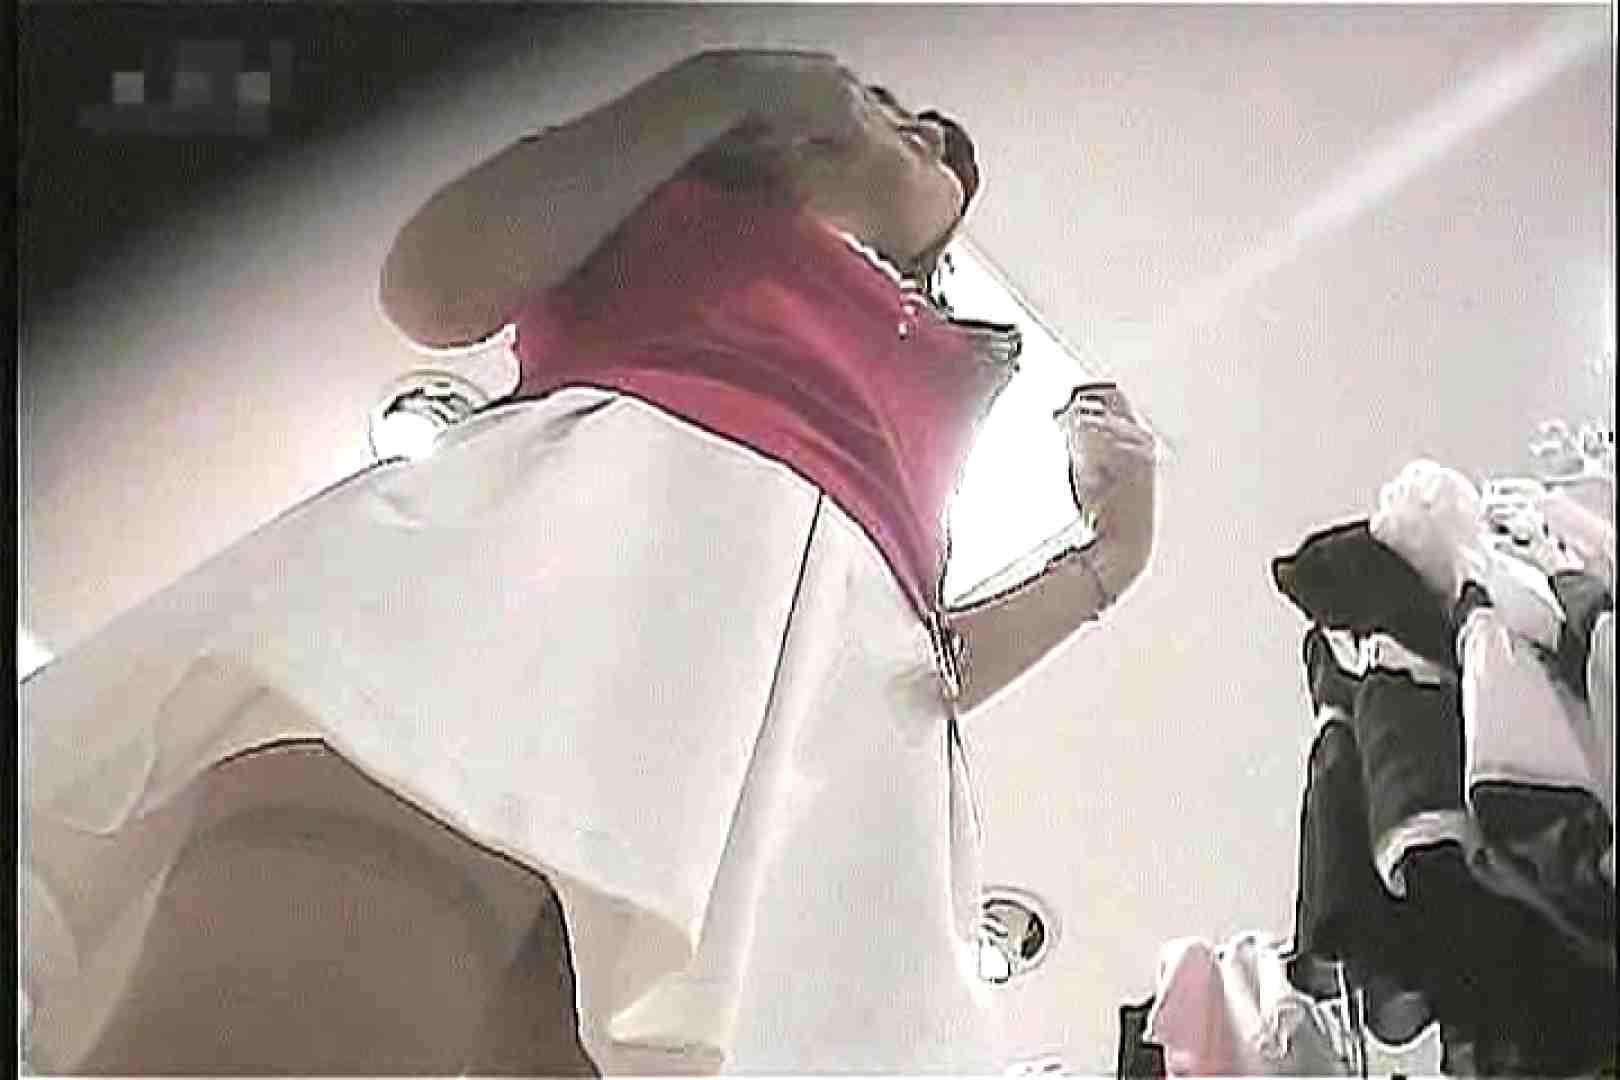 ショップ店員のパンチラアクシデント Vol.13 ミニスカート おまんこ動画流出 94pic 14